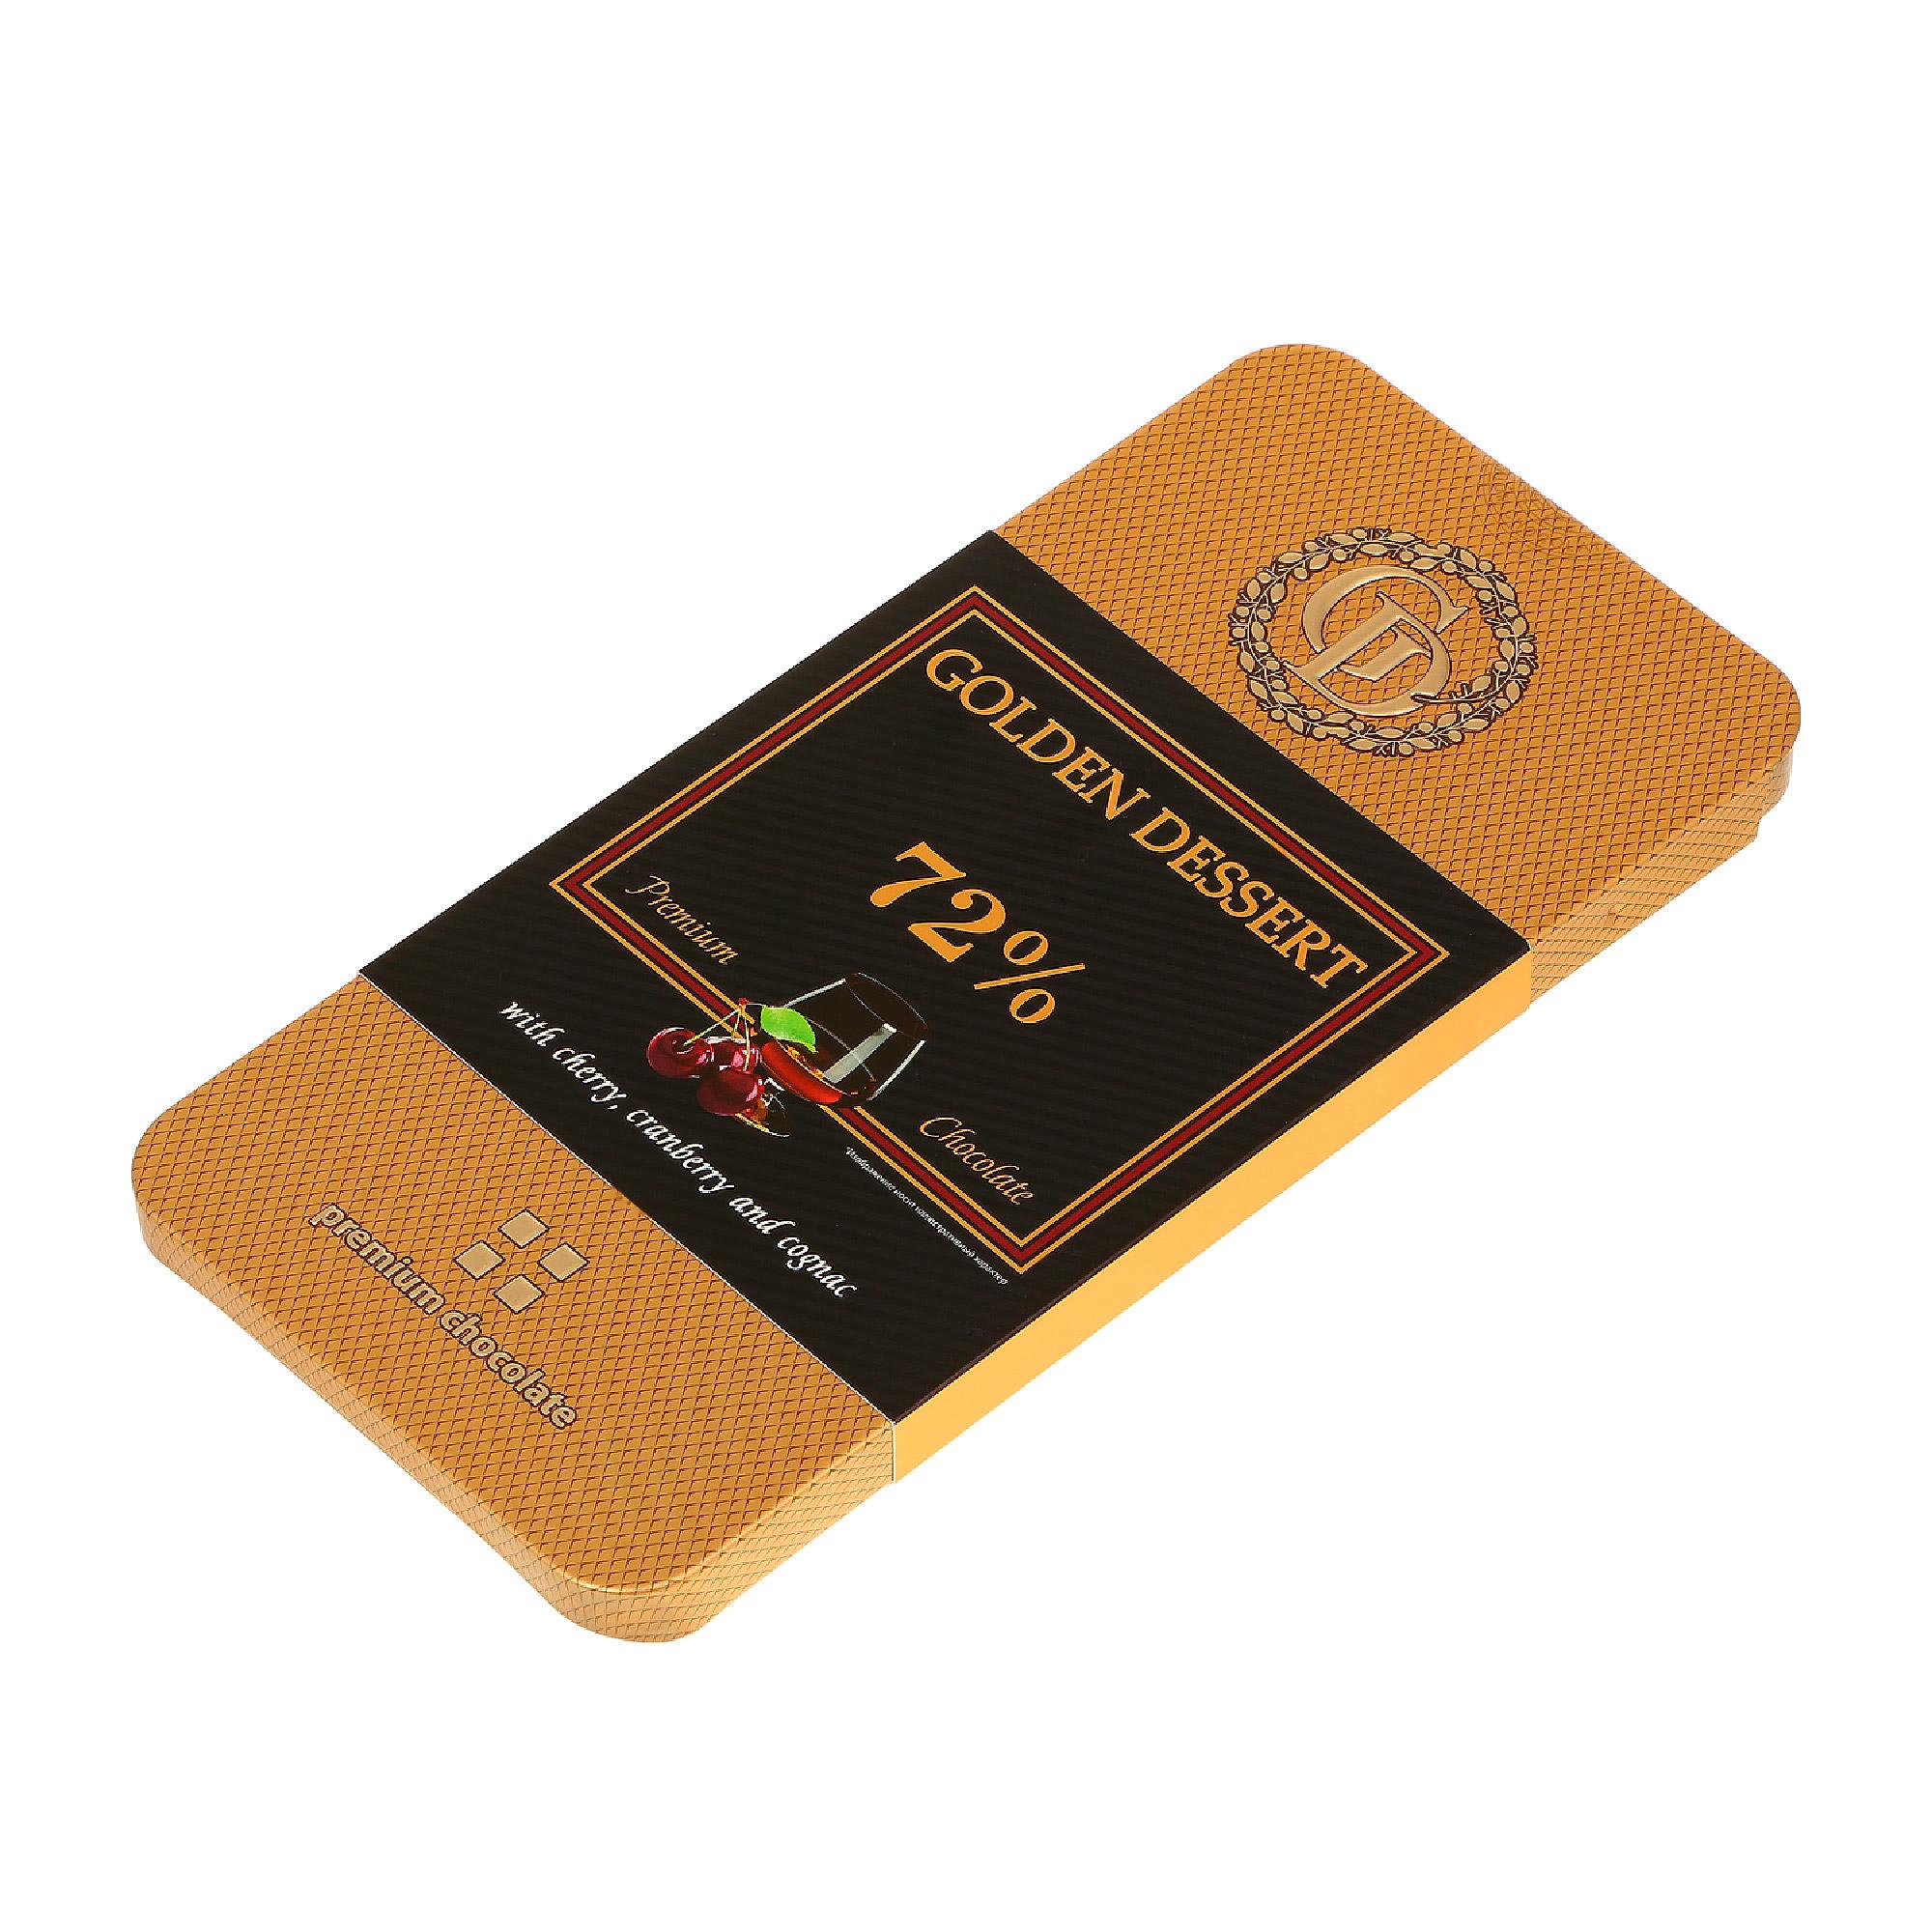 шоколад villars 72% горький 100 г Шоколад горький GOLDEN DESSERT 72% с вишня с коньяком 100 г